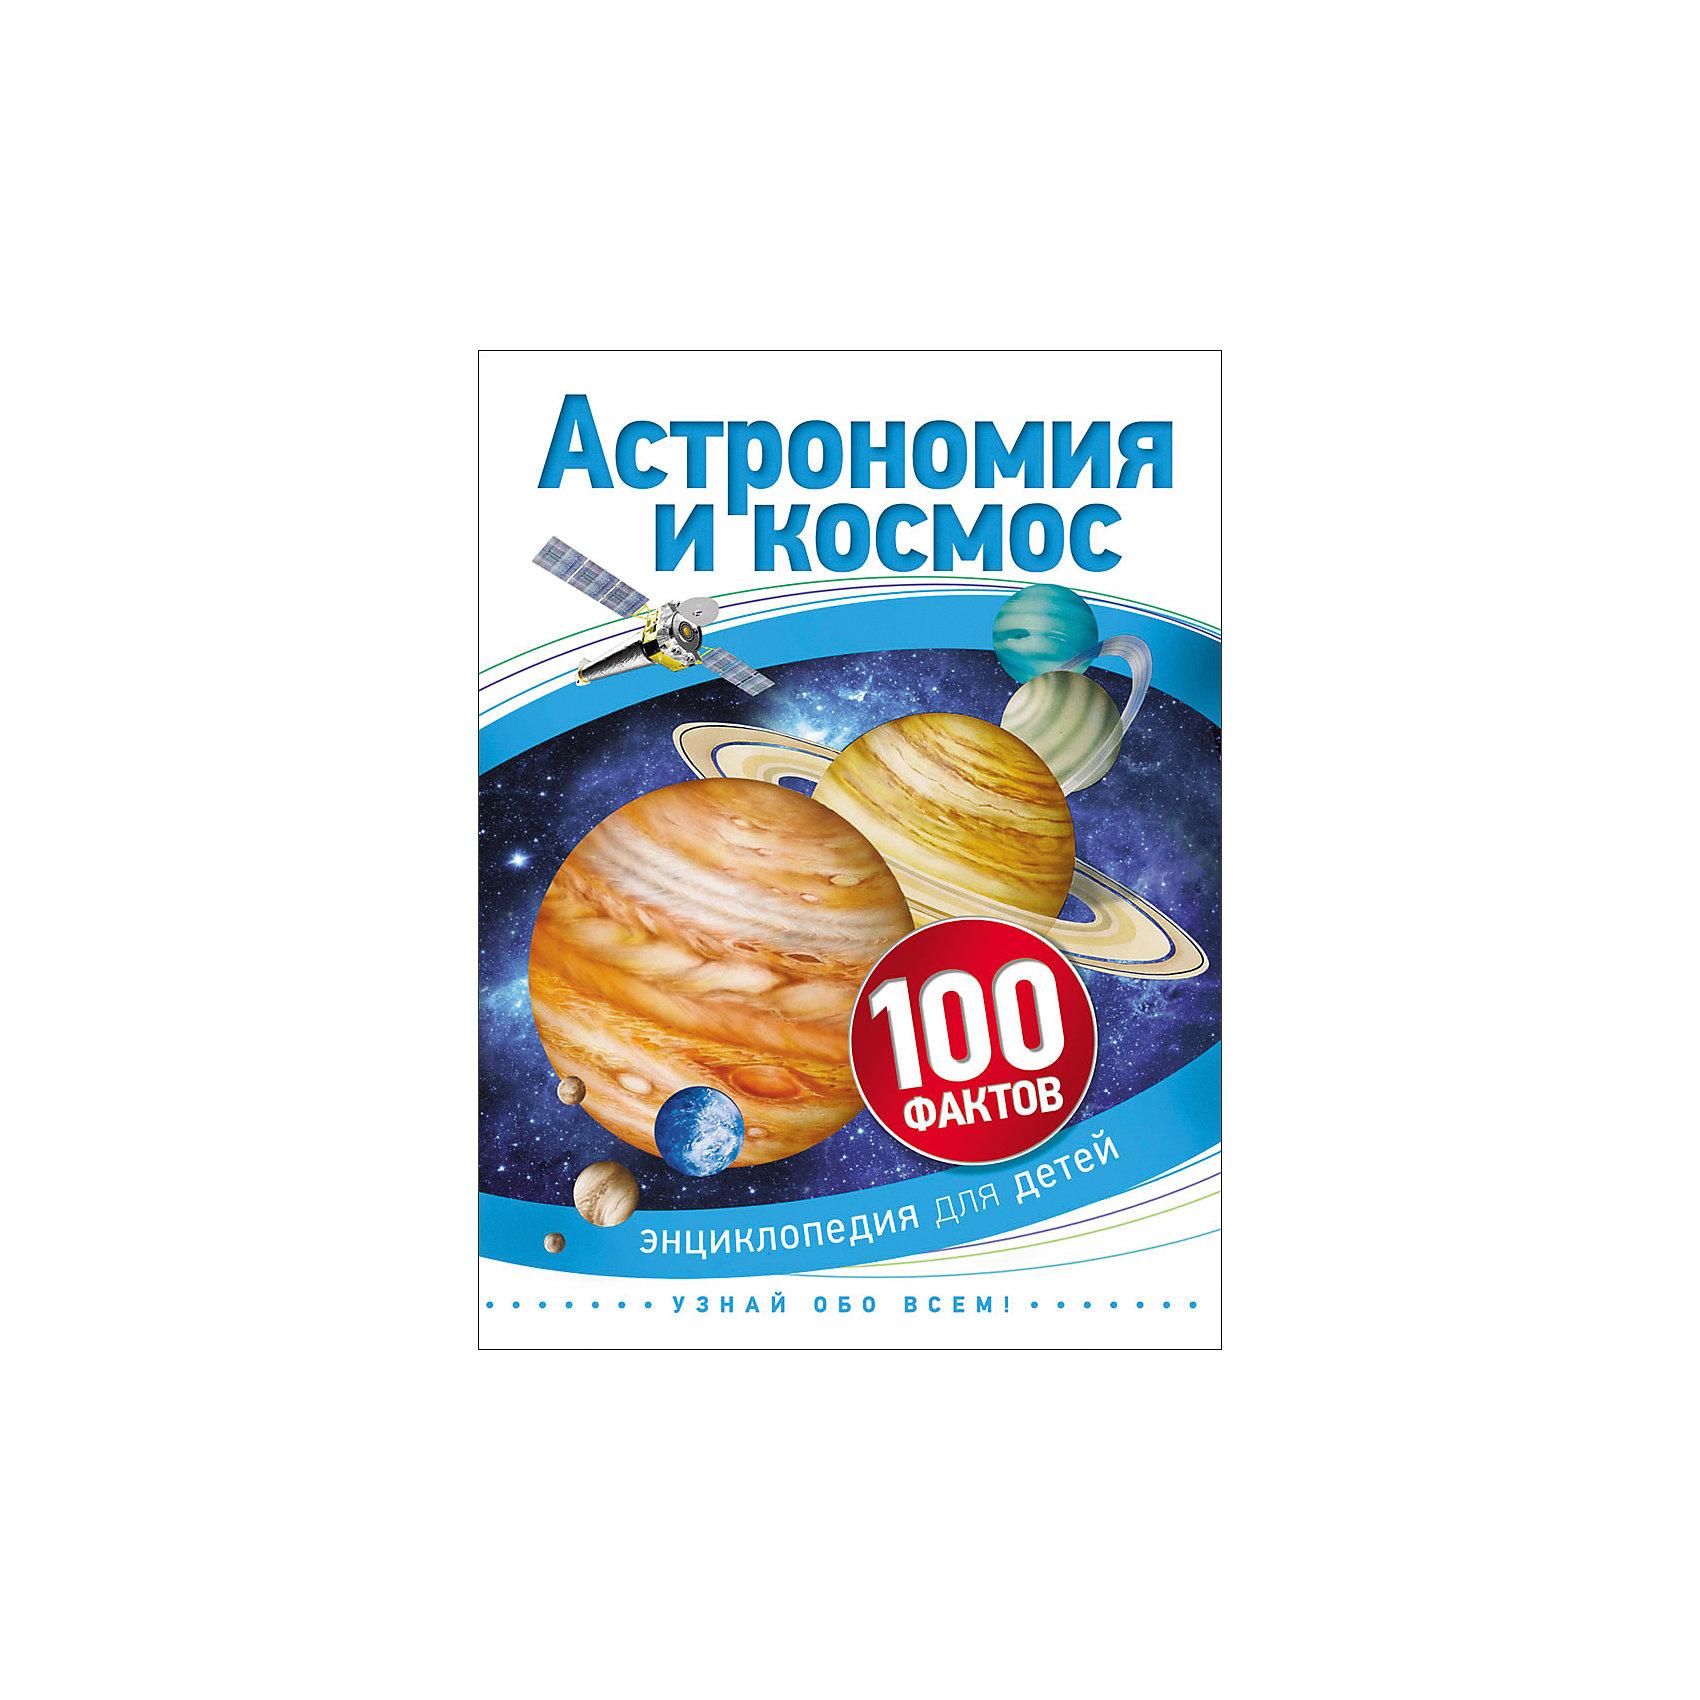 Астрономия и космос (100 фактов)Энциклопедии про космос<br>Характеристики товара:<br><br>- цвет: разноцветный;<br>- материал: бумага;<br>- страниц: 48;<br>- формат: 17 х 21 см;<br>- обложка: твердая;<br>- иллюстрации.<br><br>Эта интересная книга с иллюстрациями станет отличным подарком для ребенка. Она содержит в себе ответы на вопросы, которые интересуют малышей. Всё представлено в очень простой форме! Талантливый иллюстратор дополнил книгу качественными рисунками, которые помогают ребенку понять суть многих вещей в нашем мире. Удивительные и интересные факты помогут привить любовь к учебе!<br>Чтение - отличный способ активизации мышления, оно помогает ребенку развивать зрительную память, концентрацию внимания и воображение. Издание произведено из качественных материалов, которые безопасны даже для самых маленьких.<br><br>Книгу Астрономия и космос (100 фактов) от компании Росмэн можно купить в нашем интернет-магазине.<br><br>Ширина мм: 222<br>Глубина мм: 168<br>Высота мм: 7<br>Вес г: 202<br>Возраст от месяцев: 60<br>Возраст до месяцев: 84<br>Пол: Унисекс<br>Возраст: Детский<br>SKU: 5109945